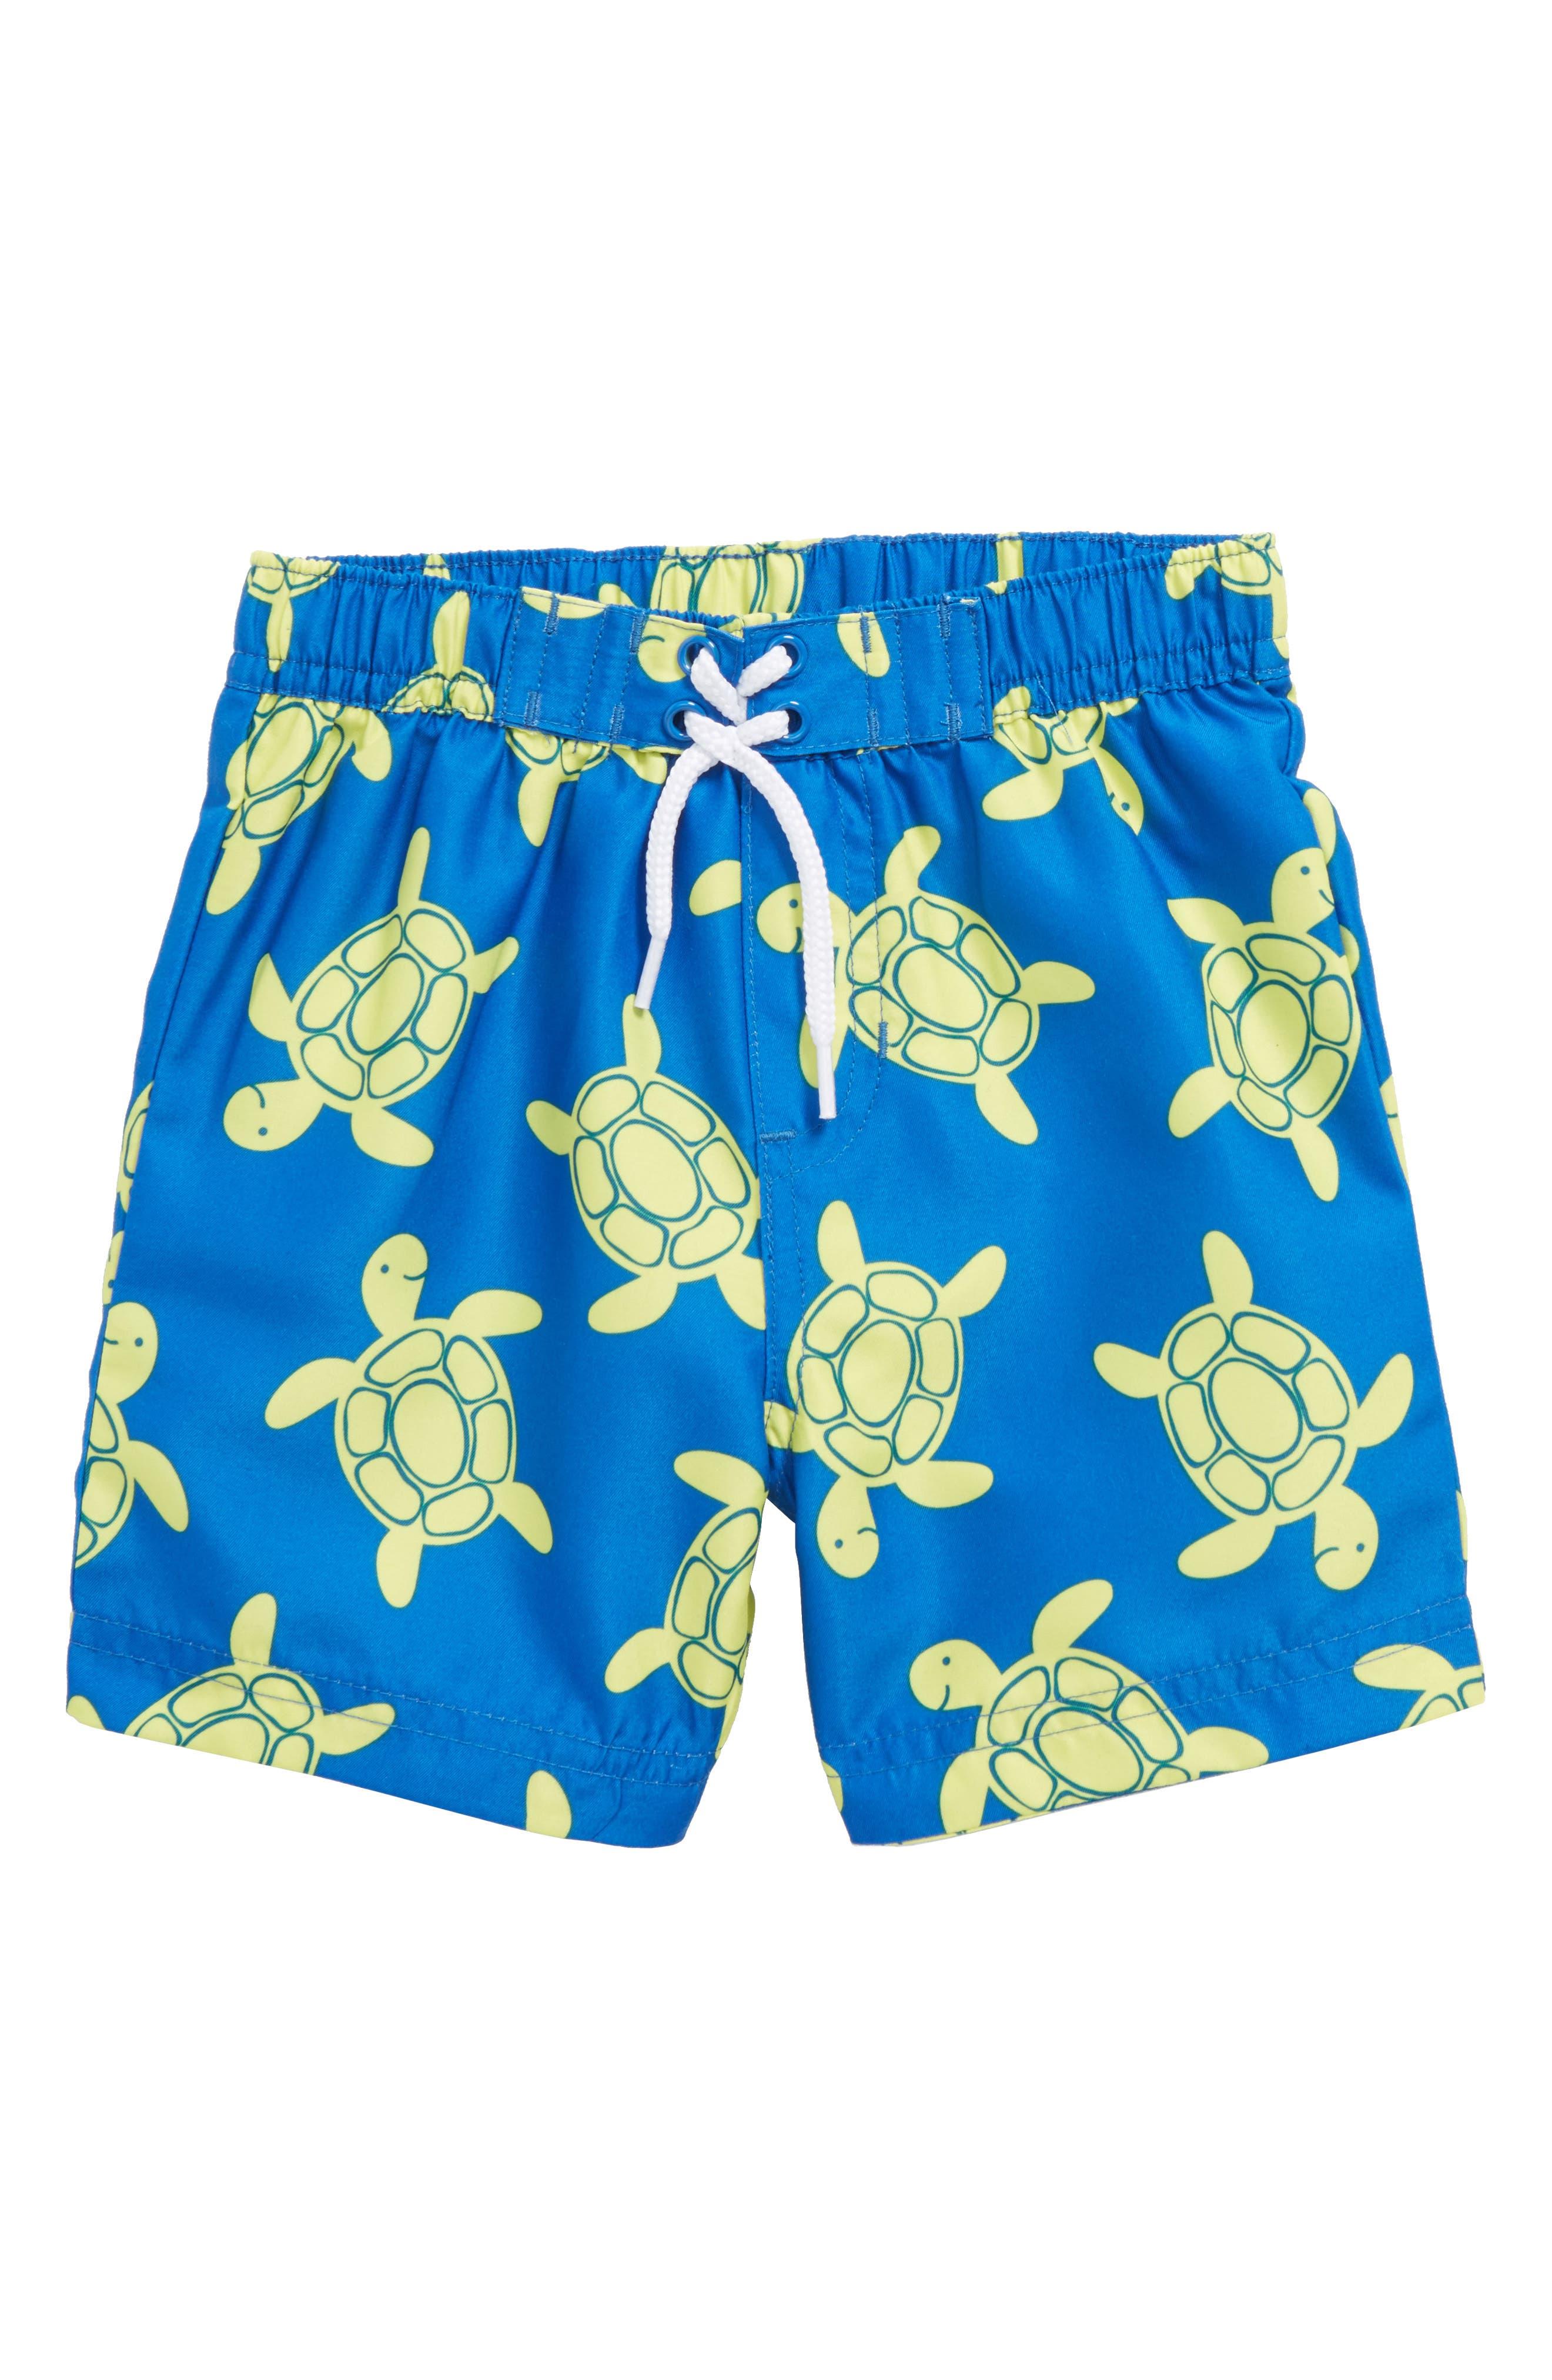 Turtle UPF 50+ Swim Trunks,                             Main thumbnail 1, color,